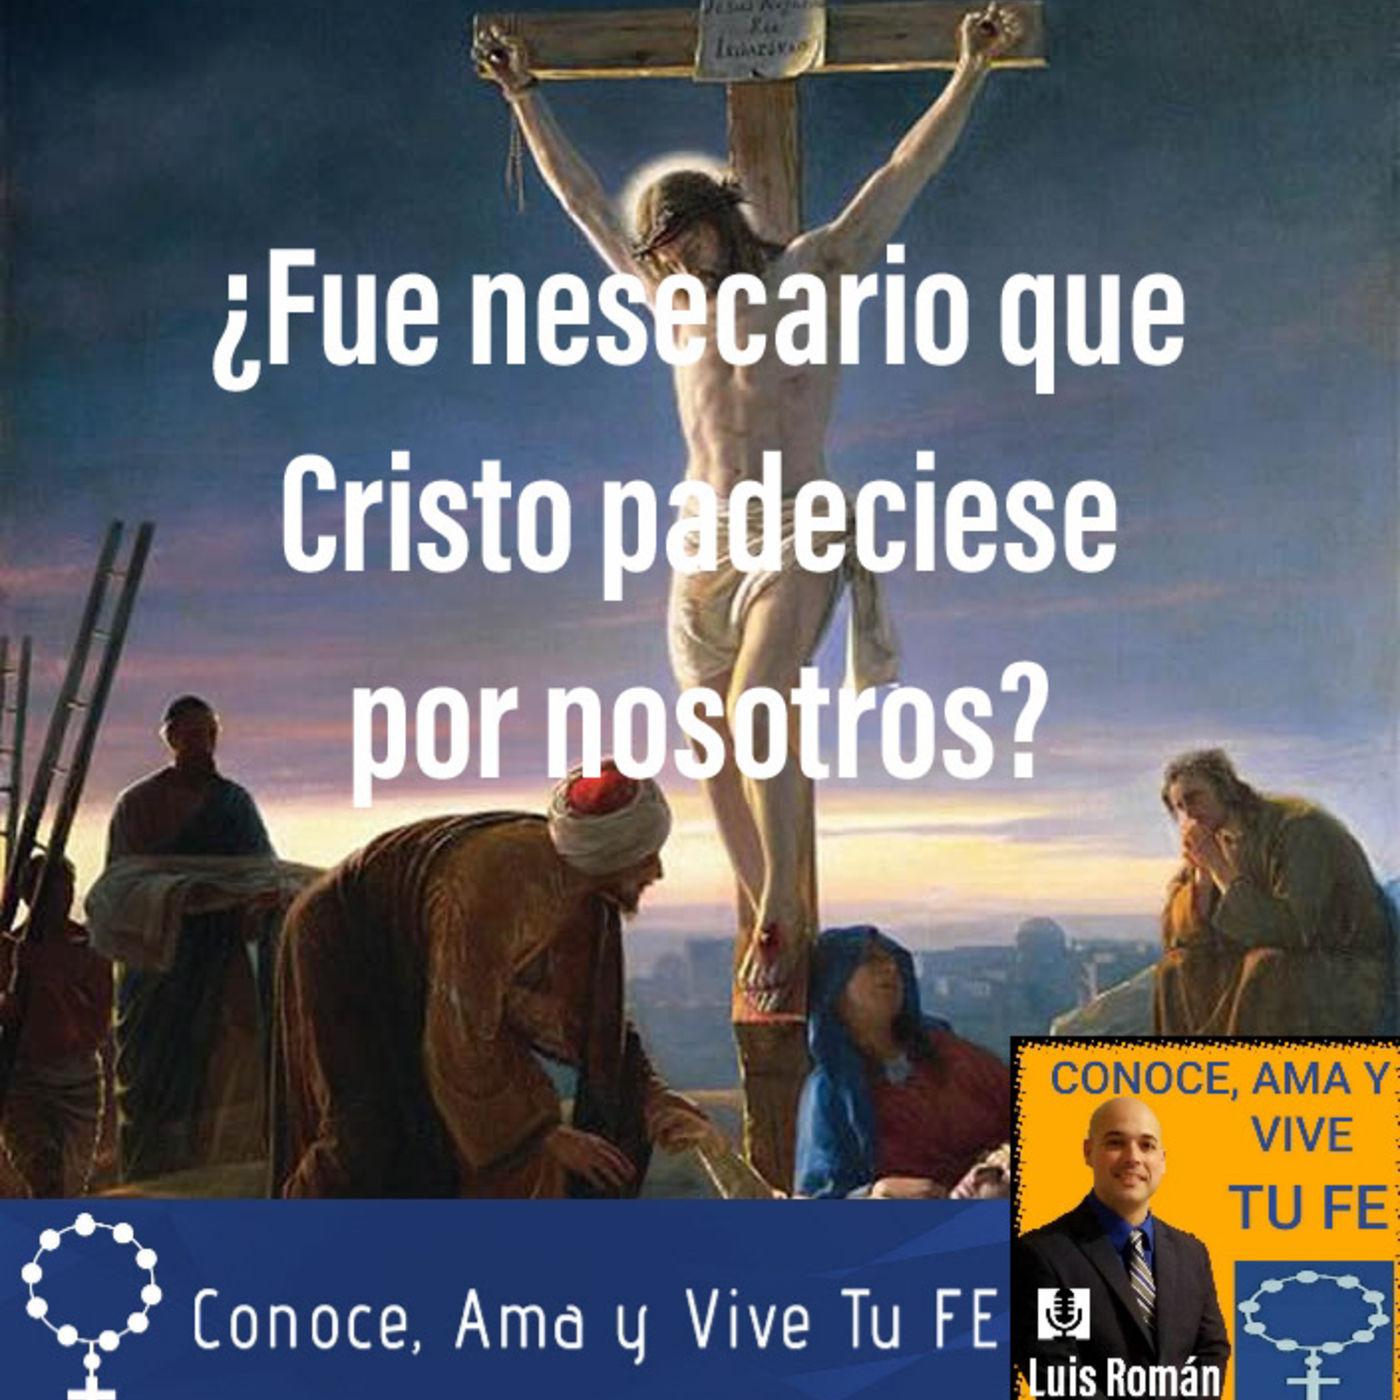 Episodio 32: ¿Fue necesario que Cristo padeciese por nosotros?